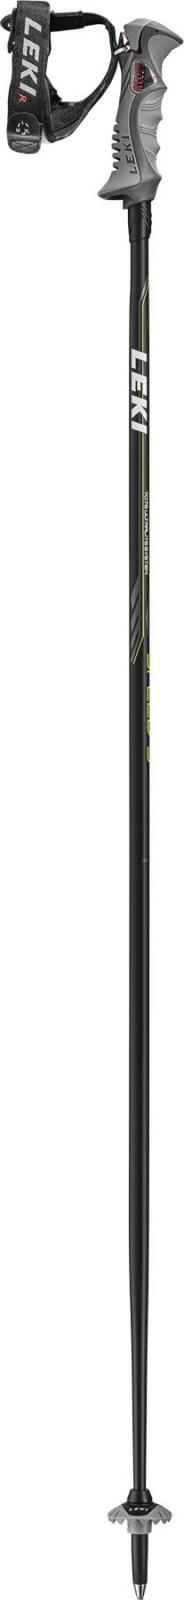 Leki Speed S Airfoil - zelená